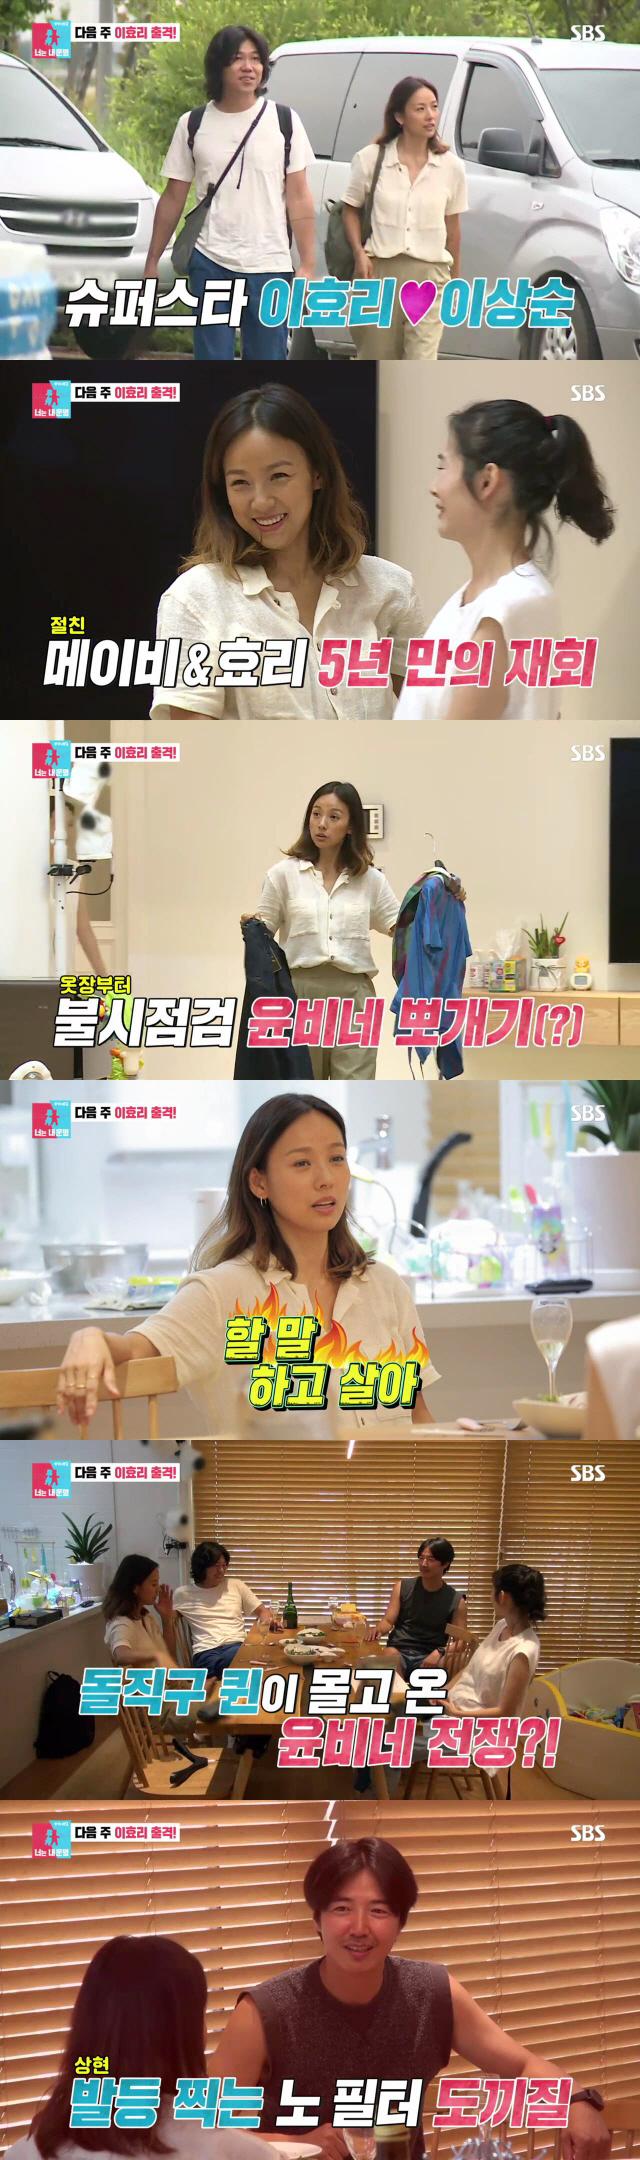 '너는 내 운명' 이효리♥이상순이 뜬다 '윤비부부'와 만남 '기대'